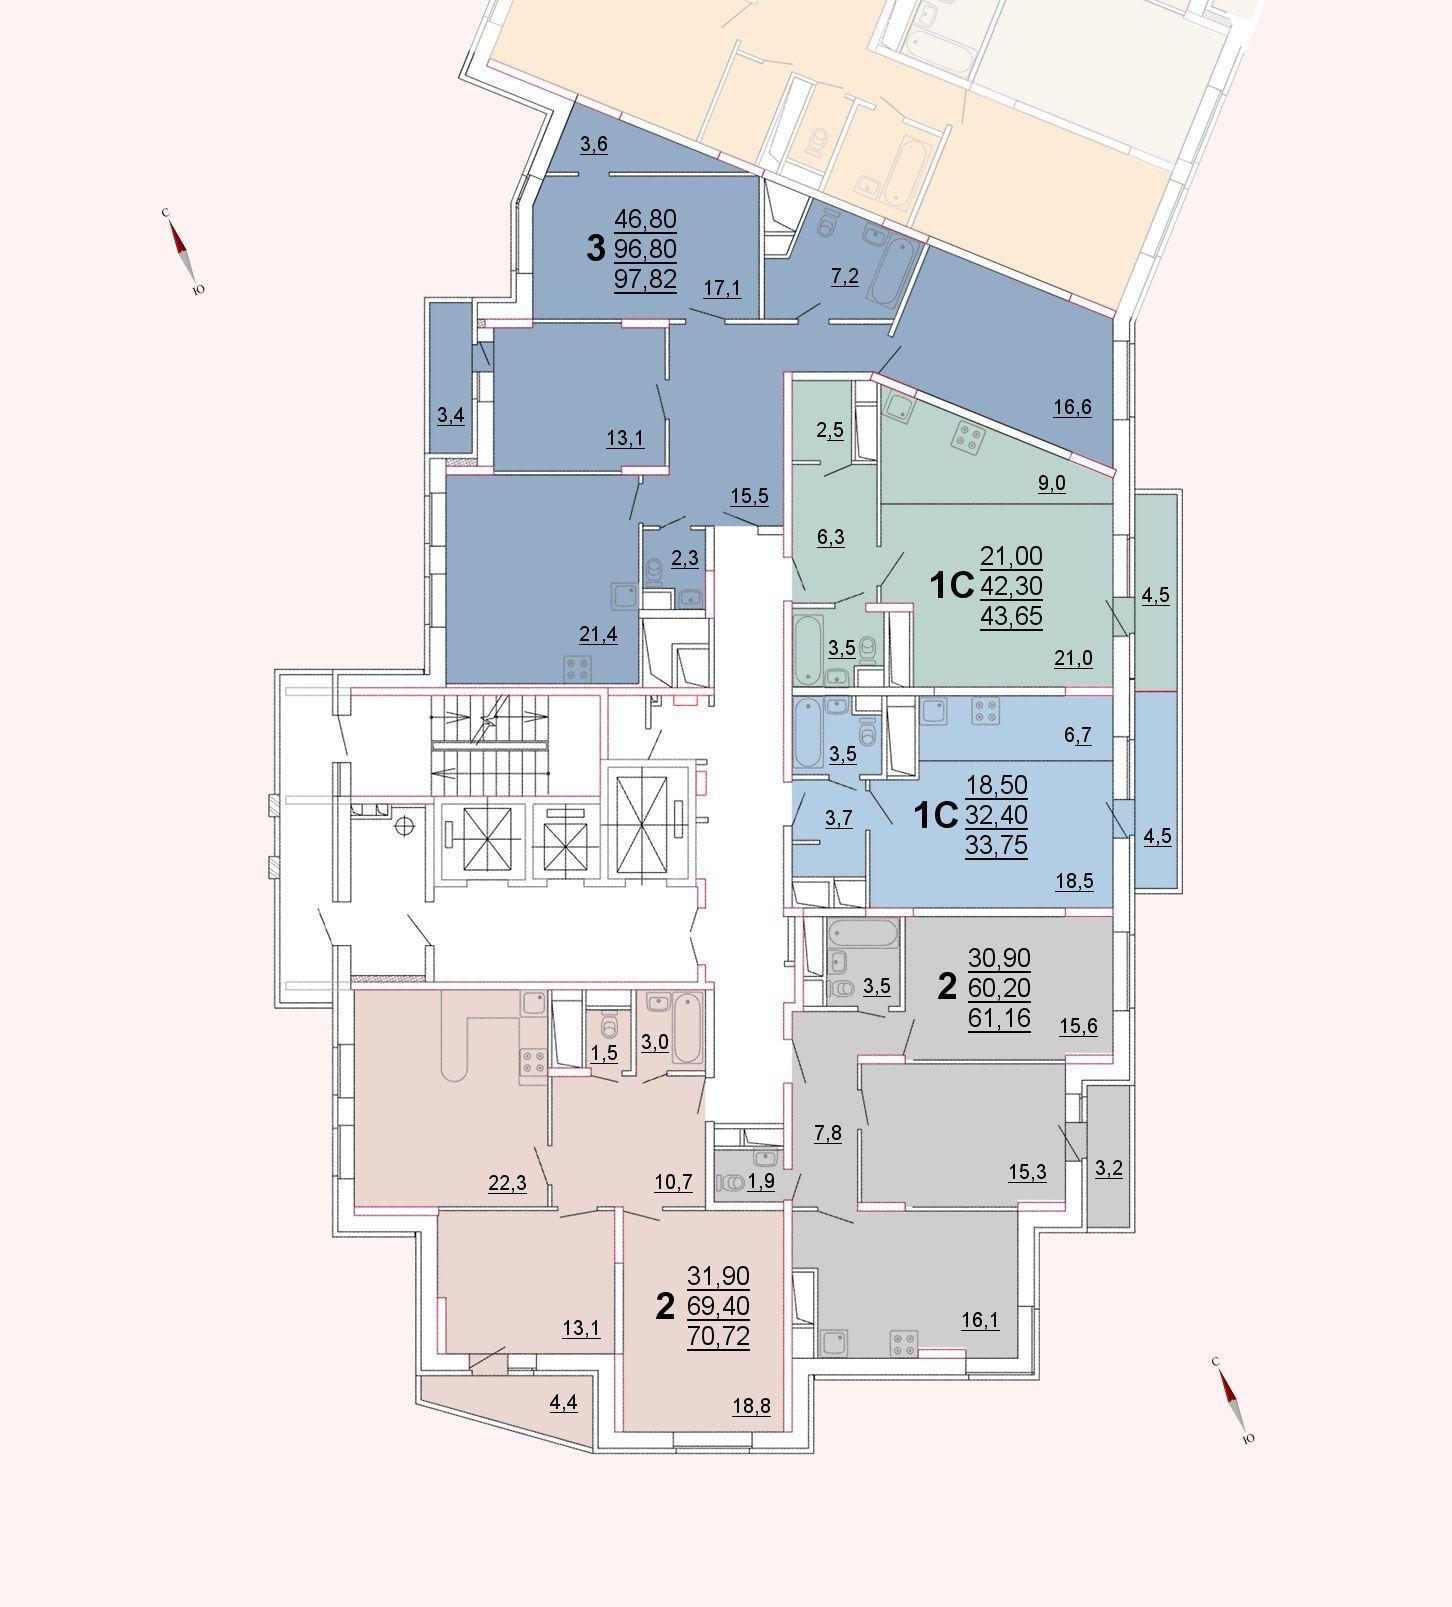 Микрорайон «Центральный», корпус 52а, секция 1, этажи 18-21